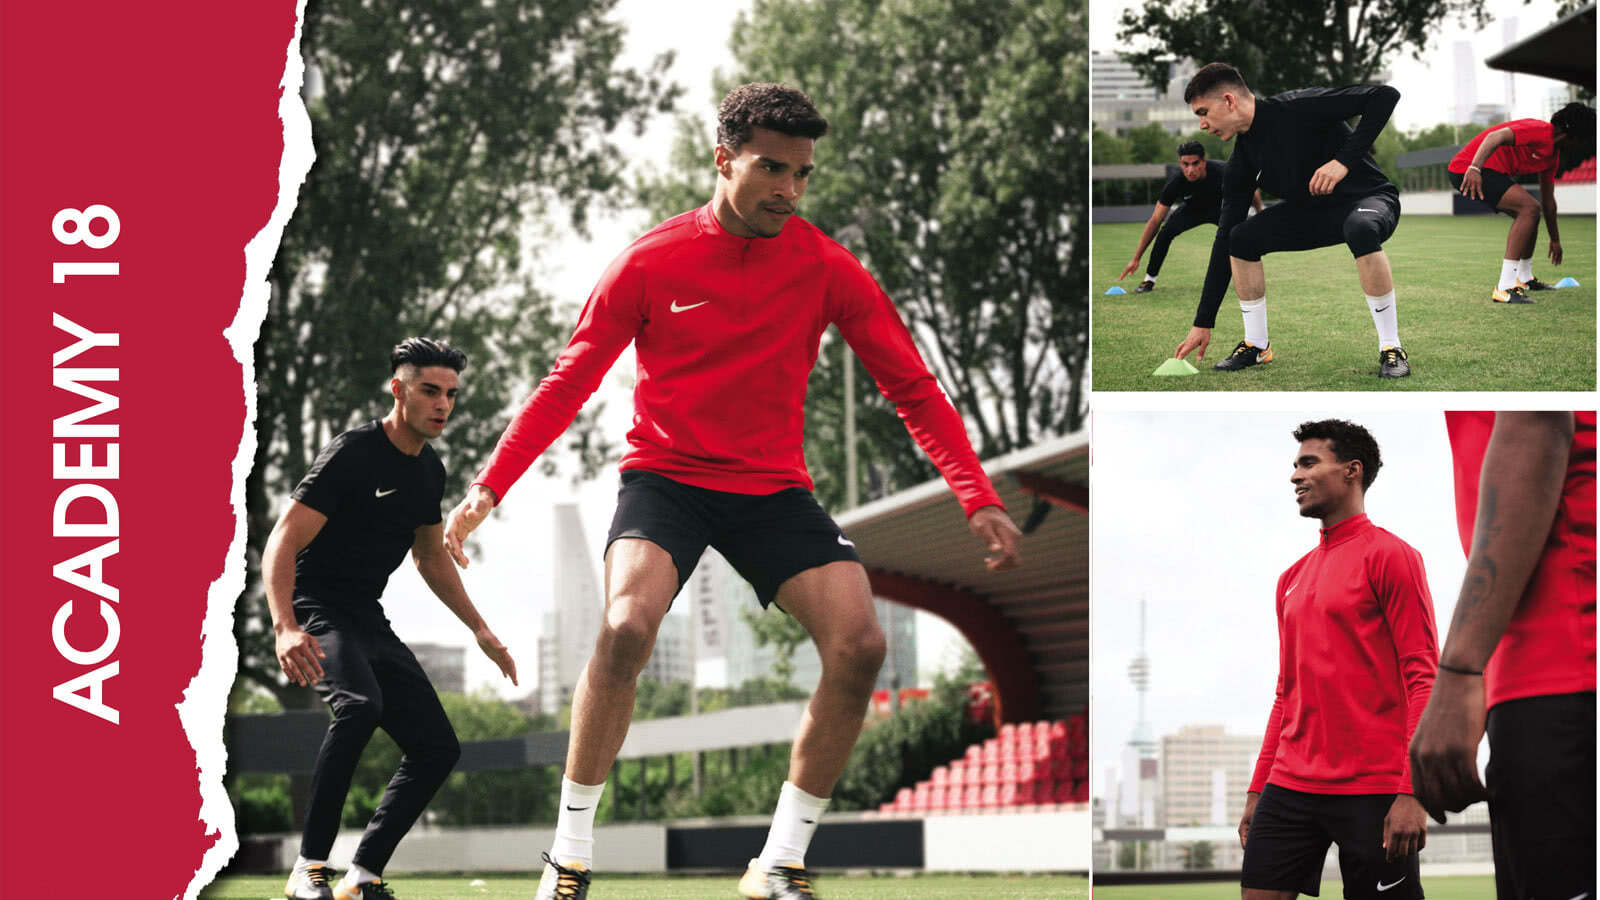 Nike Academy 18 Teamline vom Präsentationsanzug bis zum Training Top alle Sportartikel reduziert.